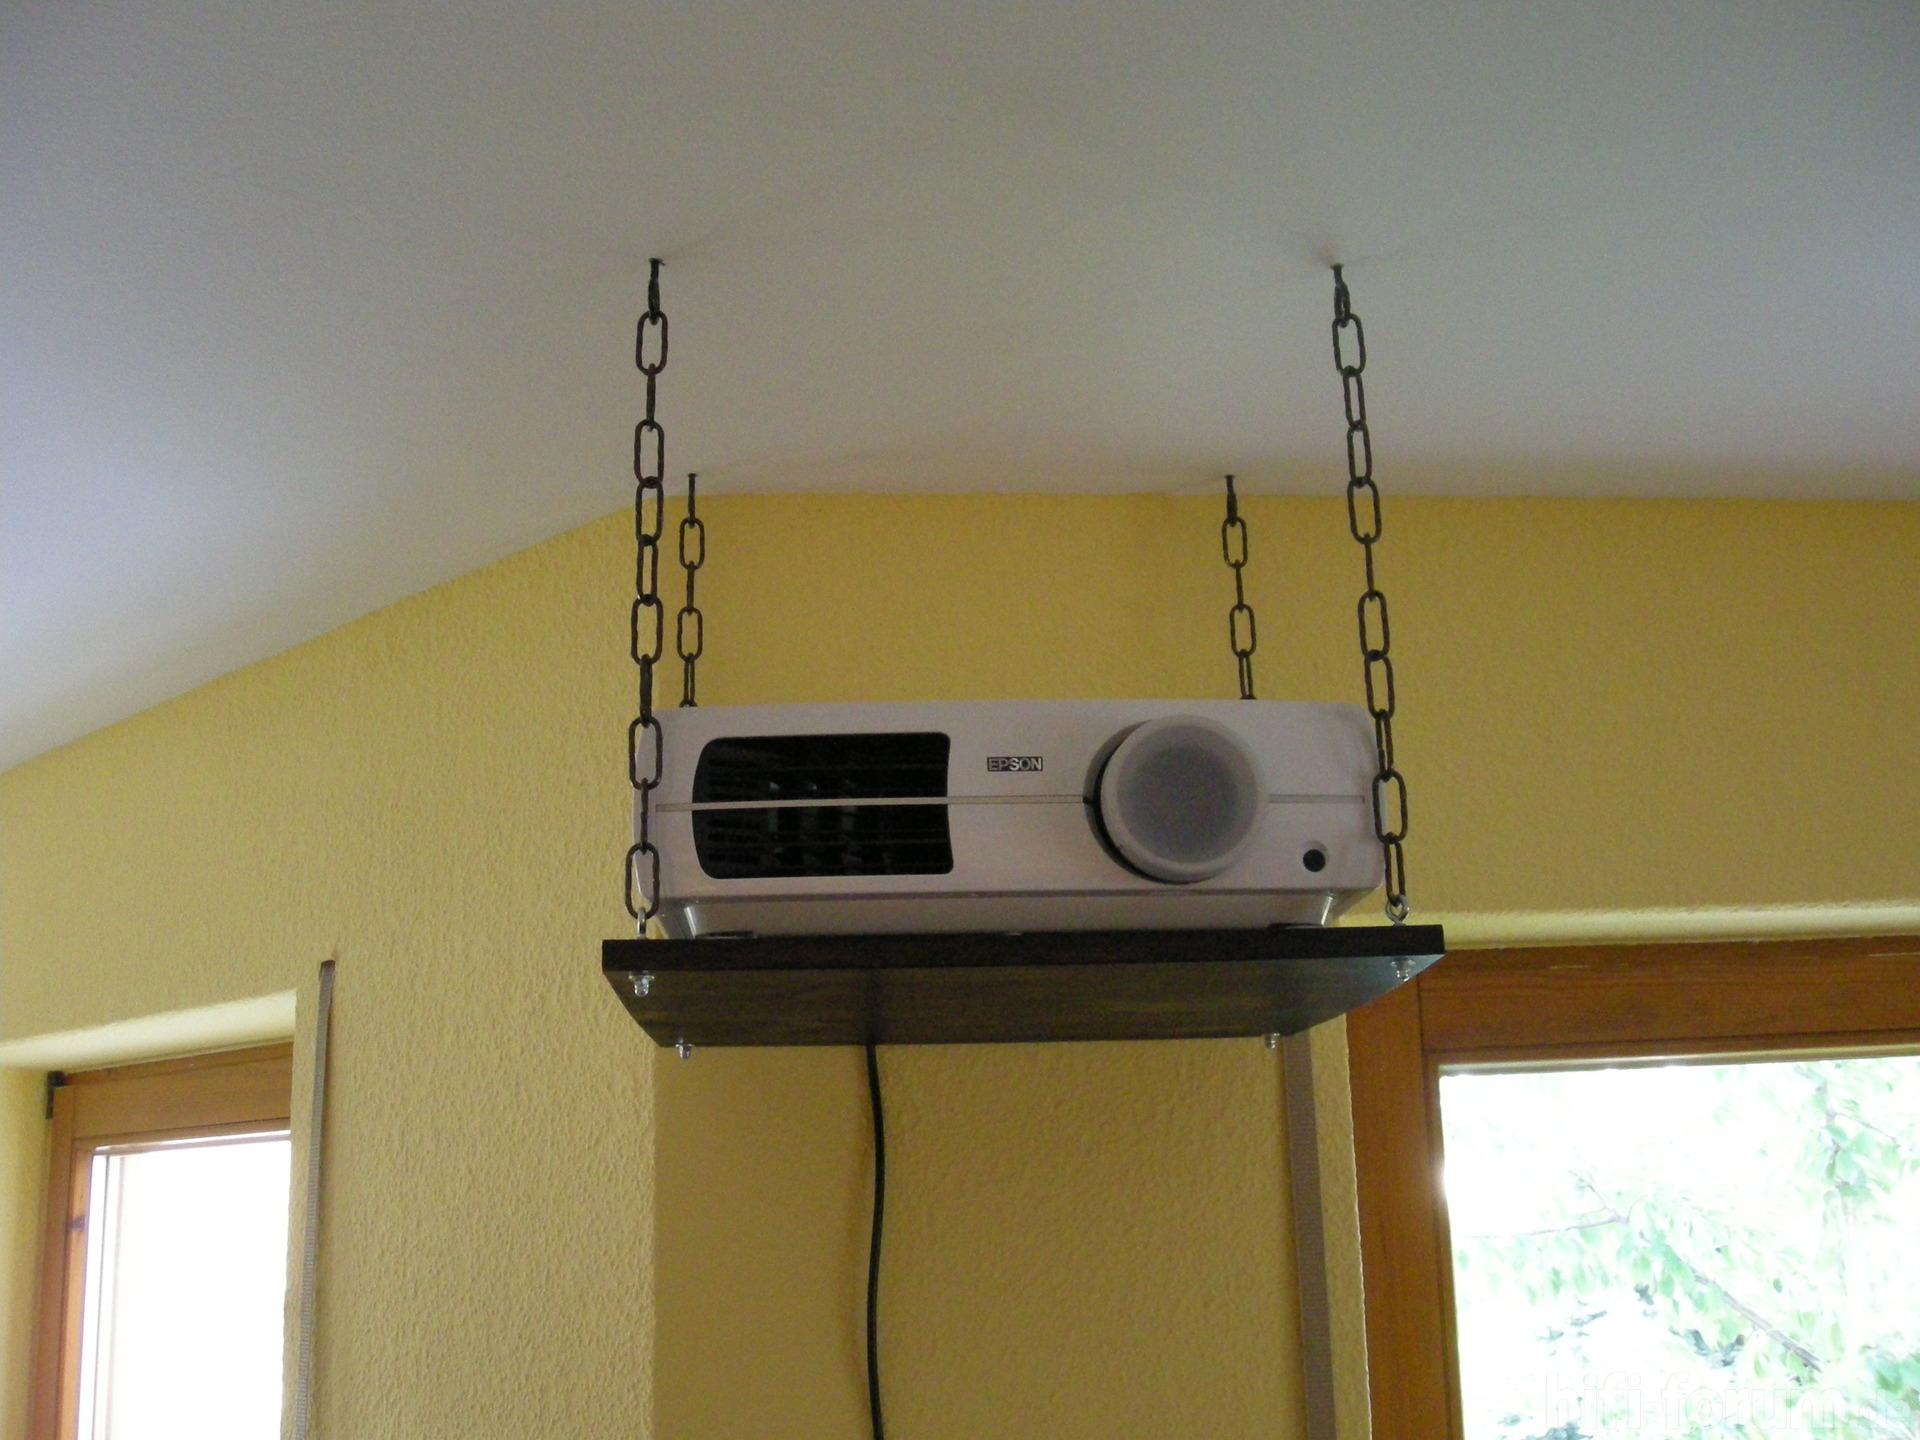 Beamerhalterung eigenbau beamer beamerhalterung - Tv halterung selber bauen ...